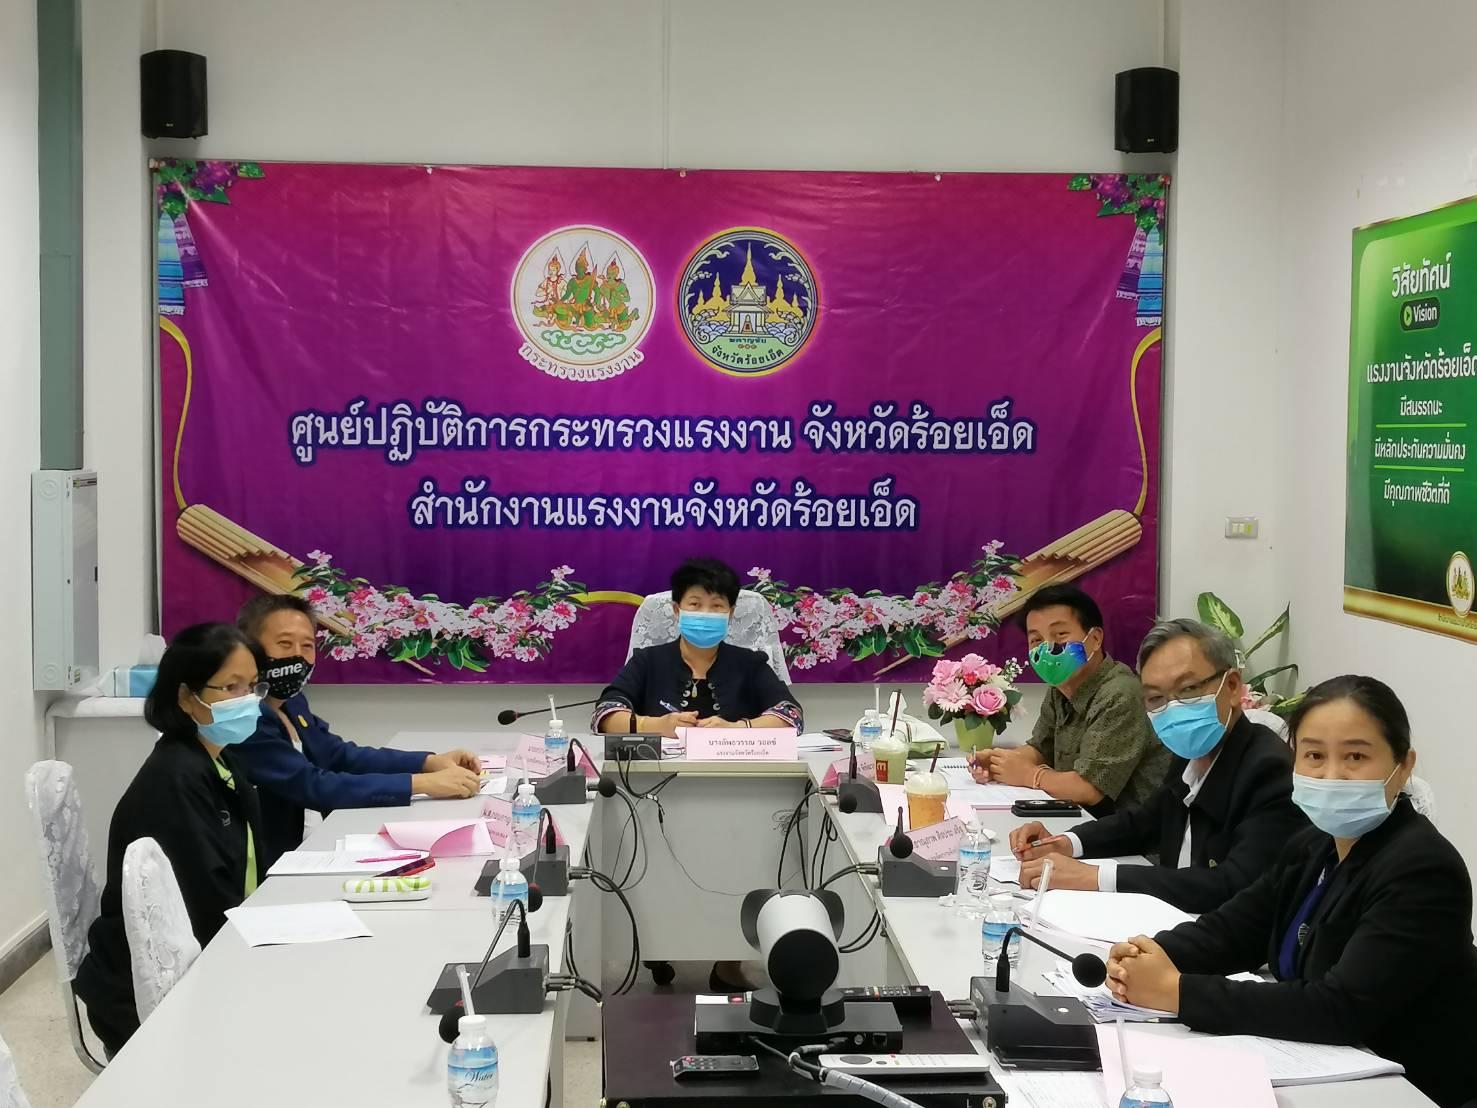 สำนักงานแรงงานจังหวัดร้อยเอ็ด จัดประชุมเพื่อจัดเตรียมข้อมูลด้านแรงงาน การขับเคลื่อนไทยไปด้วยกัน จังหวัดร้อยเอ็ด และการประชุมหัวหน้าส่วนราชการสังกัดกระทรวงแรงงาน ประจำปีงบประมาณ พ.ศ. 2564